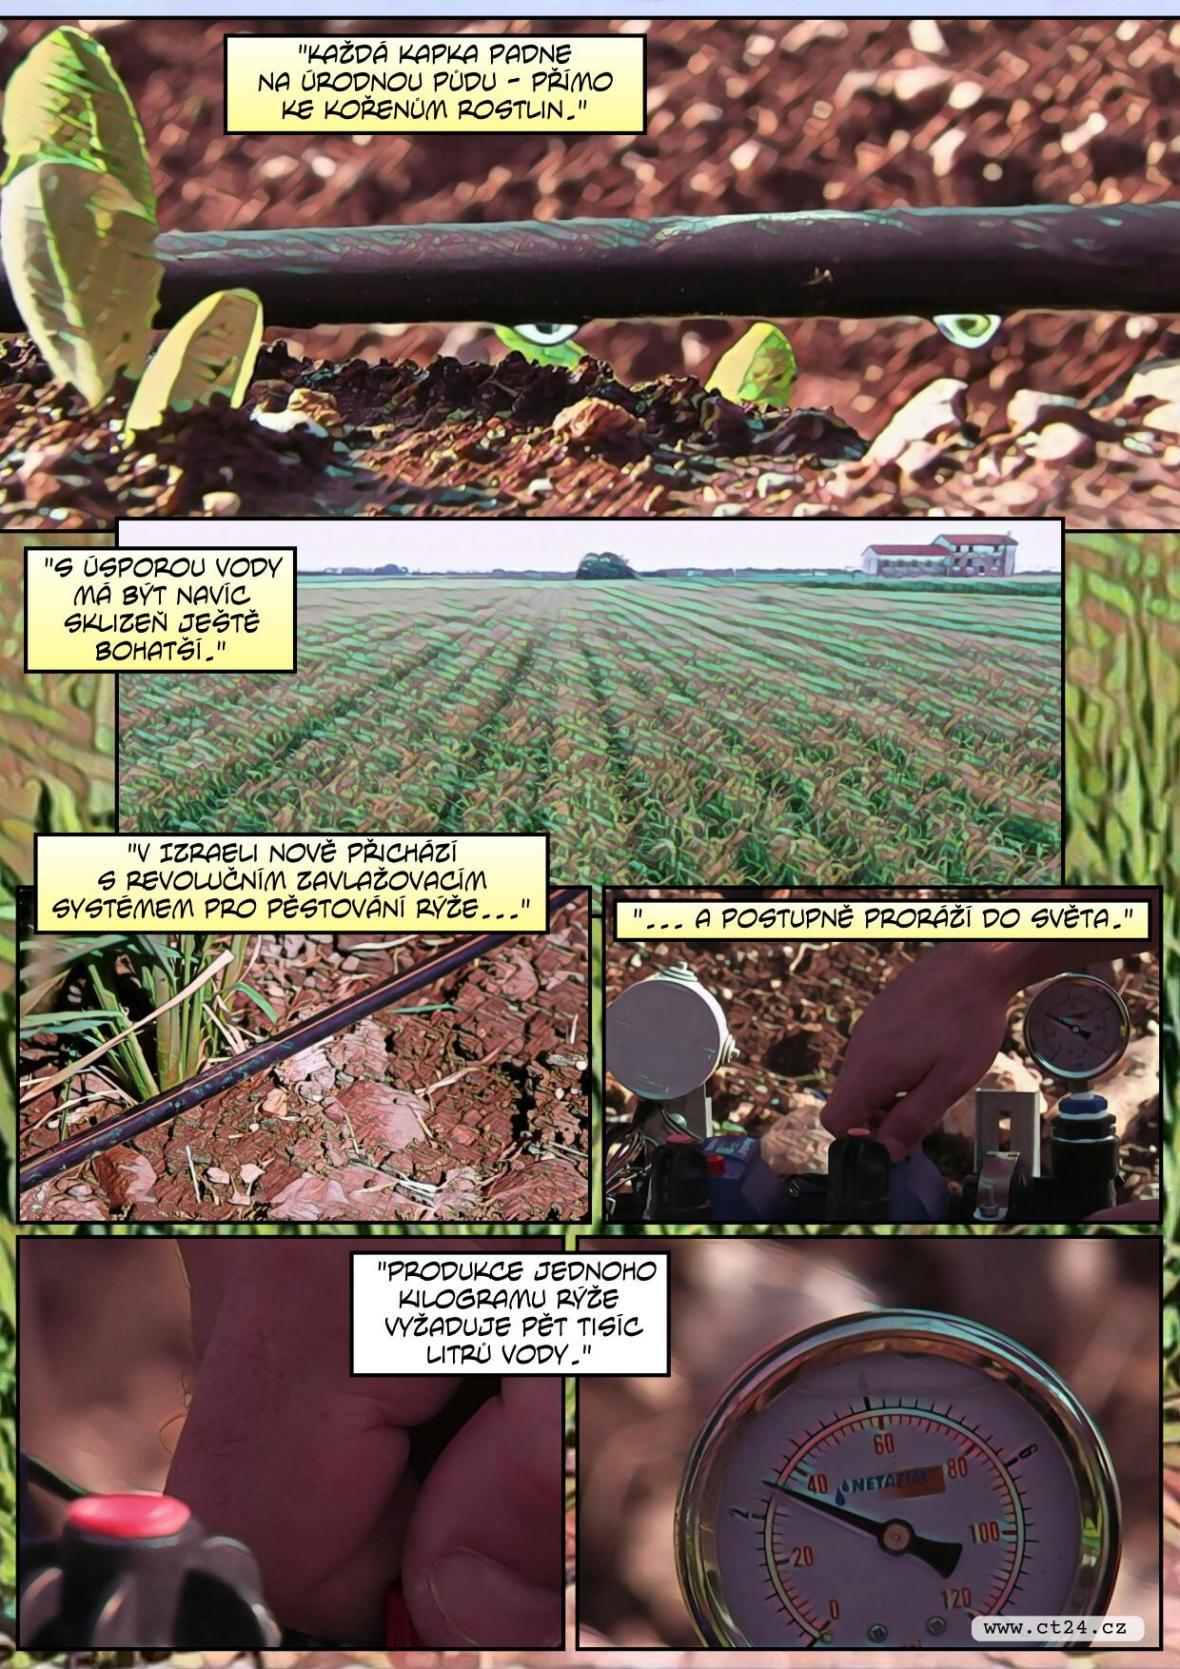 V Izraeli vyvinuli speciální úsporný zavlažovací systém, který by mohl pomoci při ničivém suchu